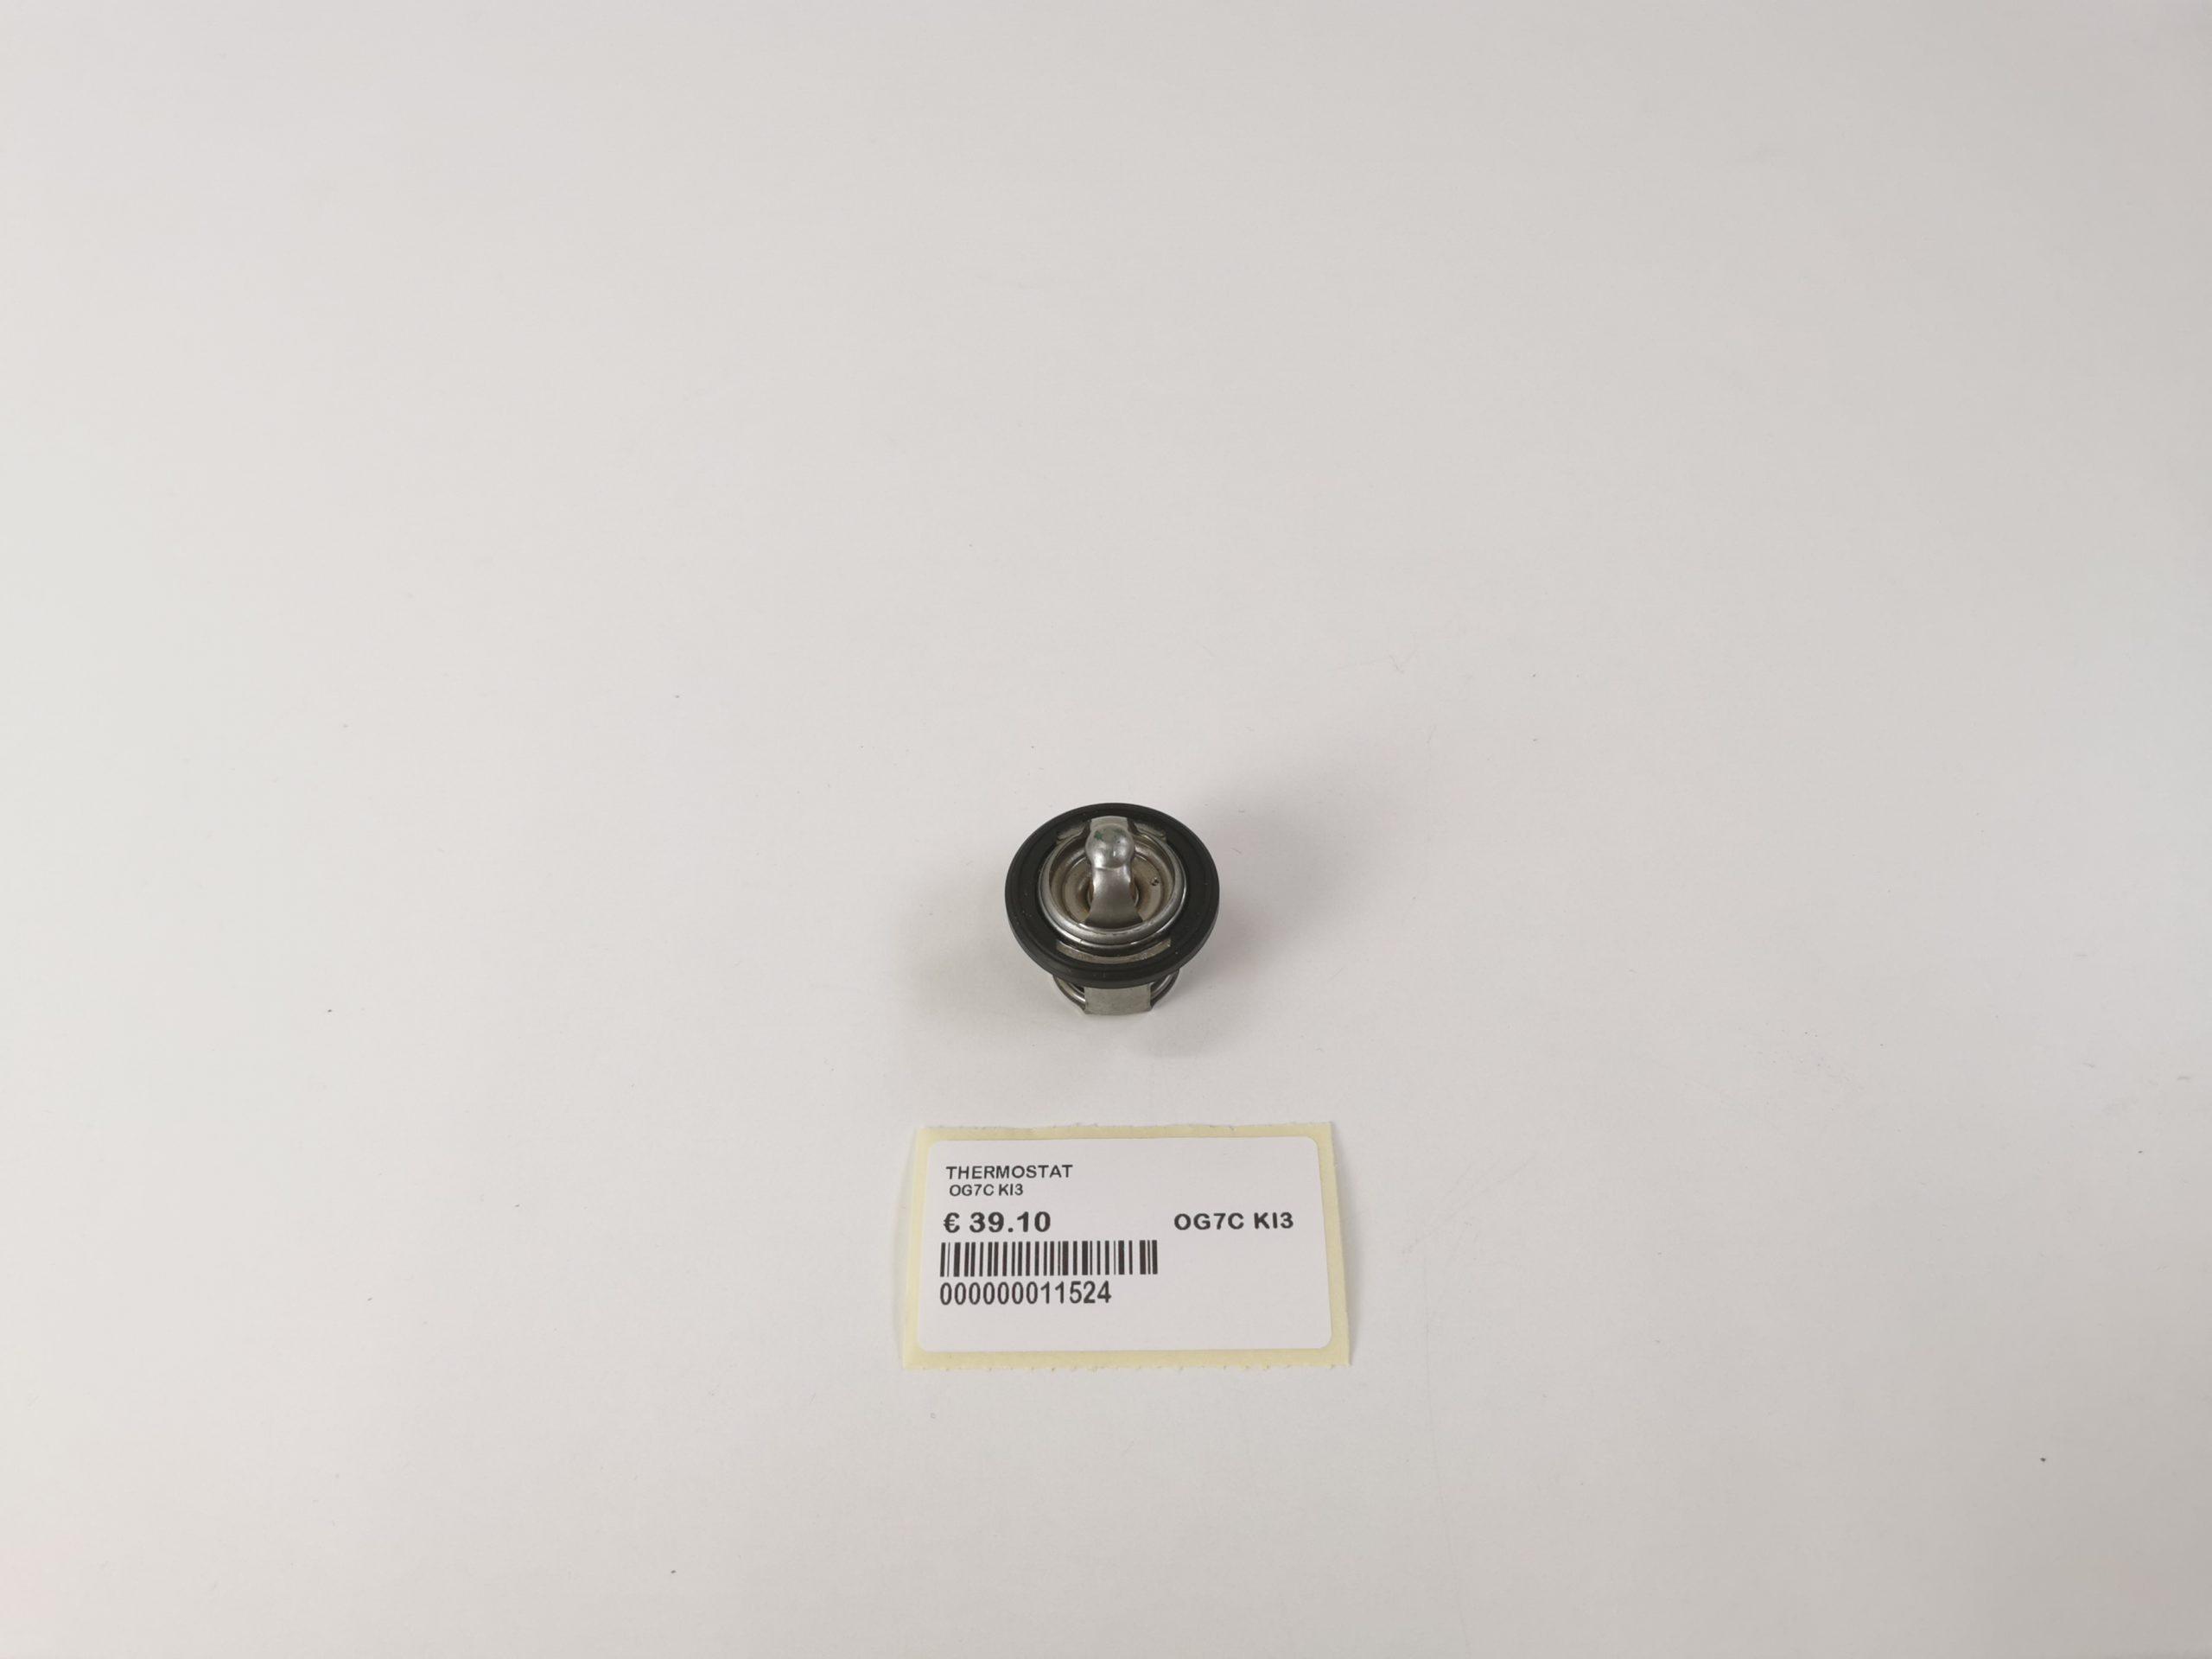 /tmp/con-5f05a863223db/3752123_Product.jpg